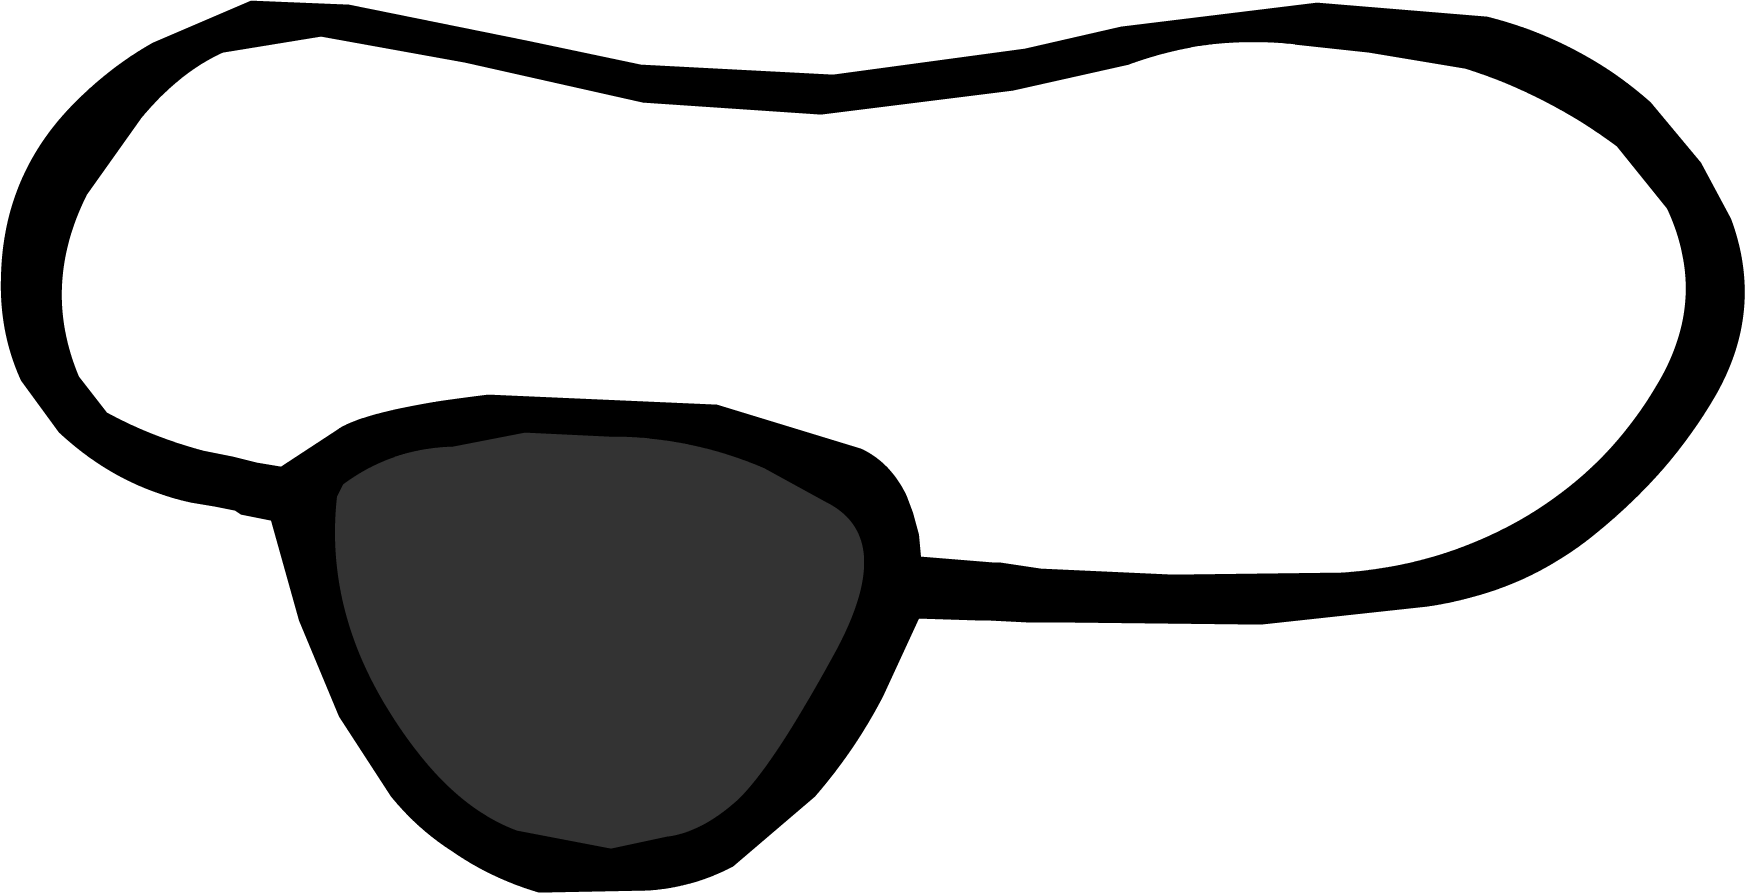 Eyepatch